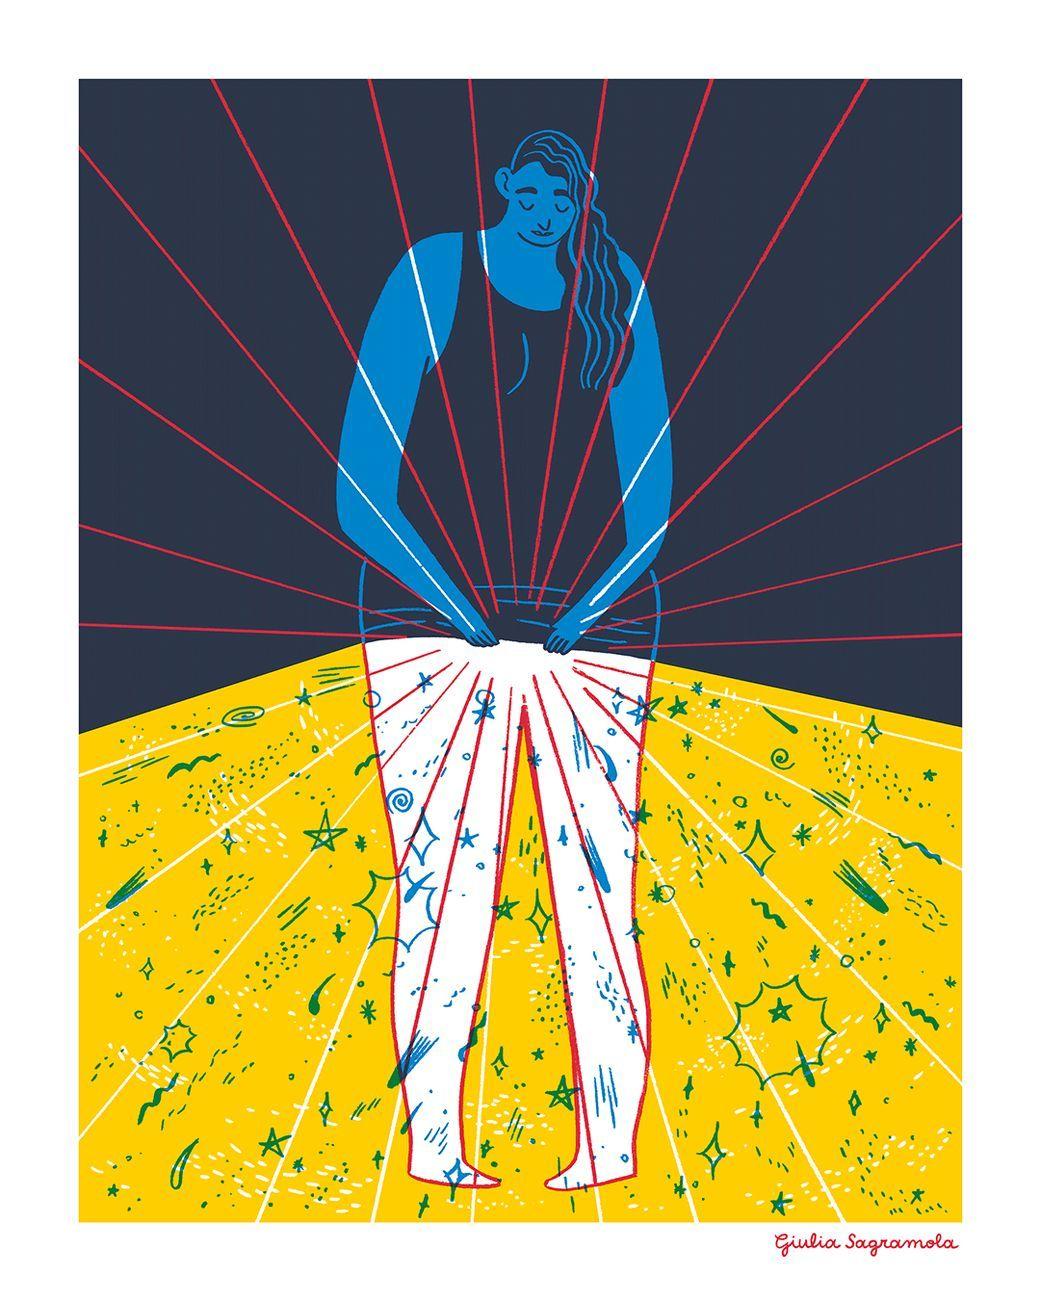 Stampa per il collettivo MARSAM, serigrafia su carta, 40x50 cm, 100 esemplari. Courtesy Giulia Sagramola